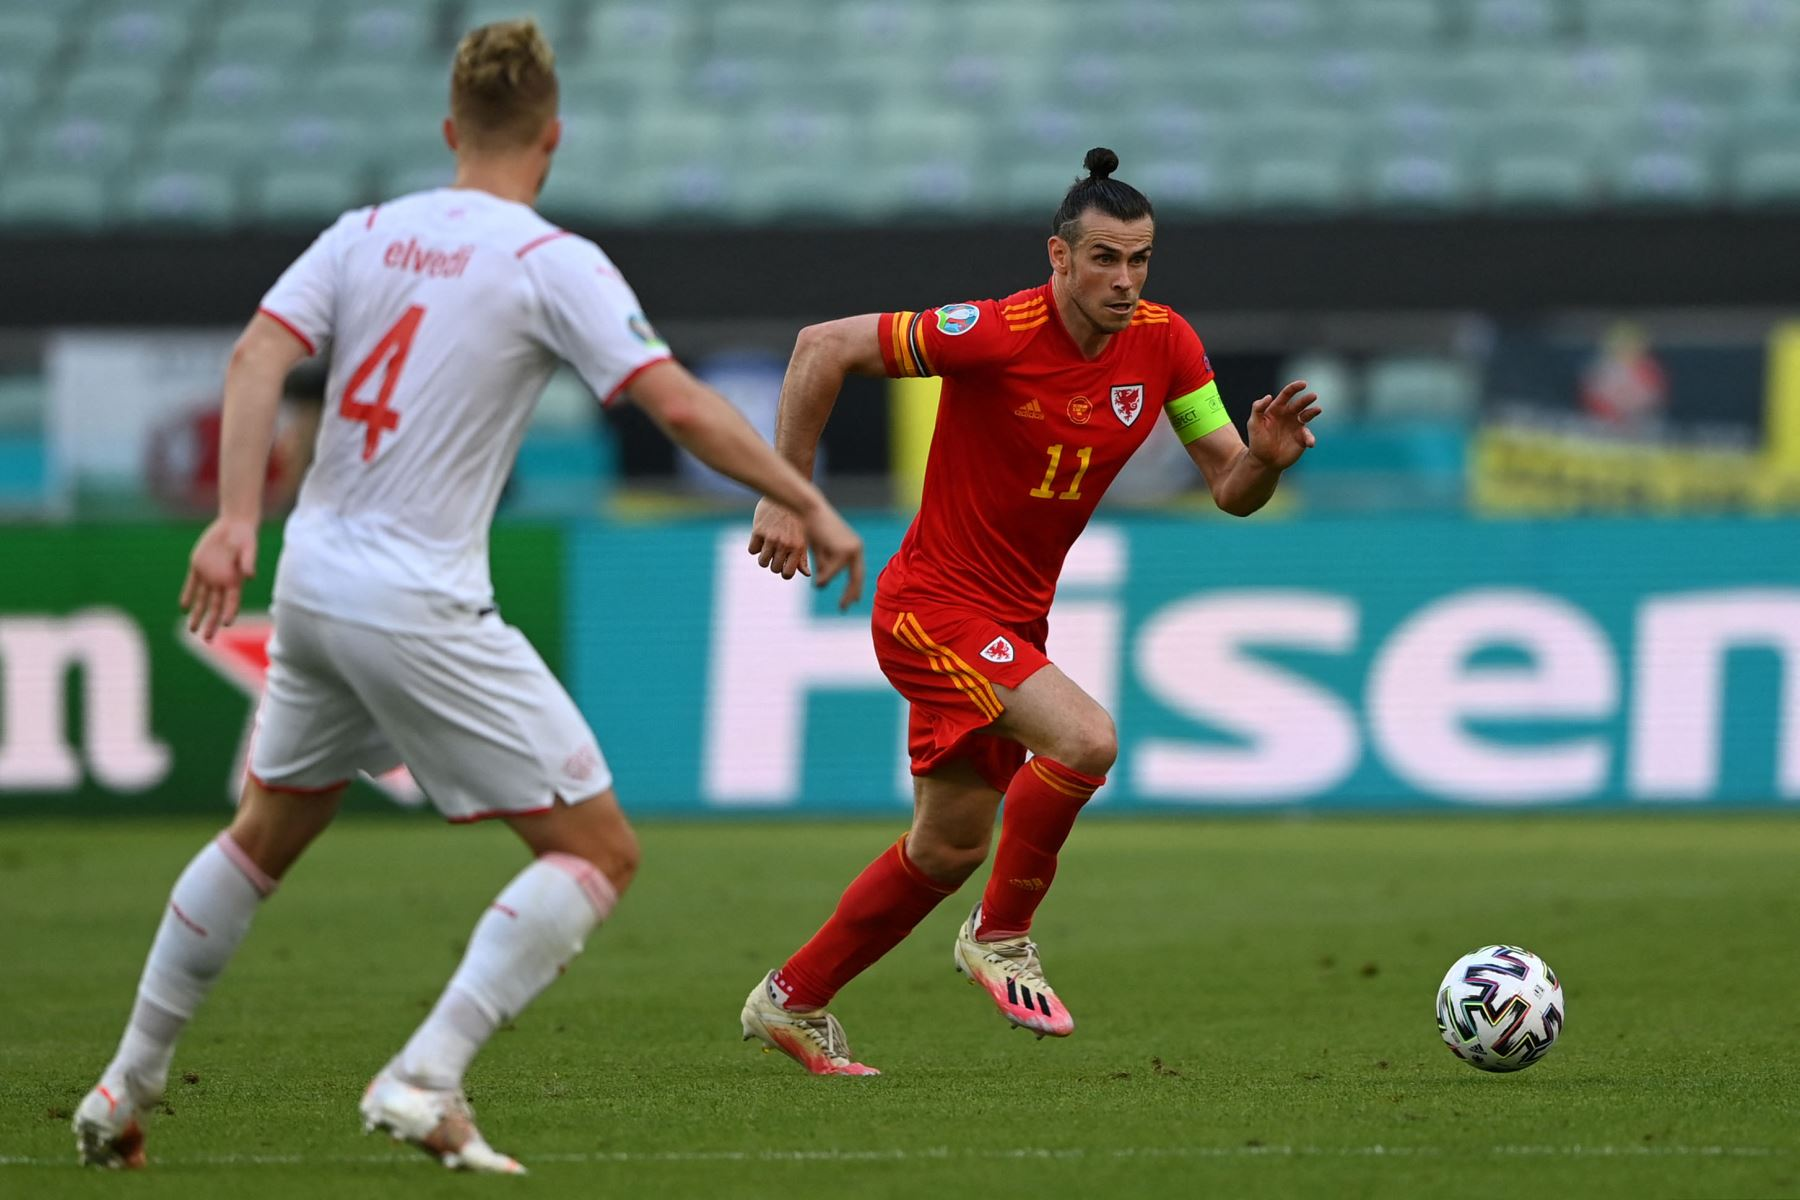 El delantero de Gales Gareth Bale corre con el balón durante el partido de fútbol del Grupo A de la UEFA EURO 2020 entre Gales y Suiza en el Estadio Olímpico de Bakú. Foto: AFP